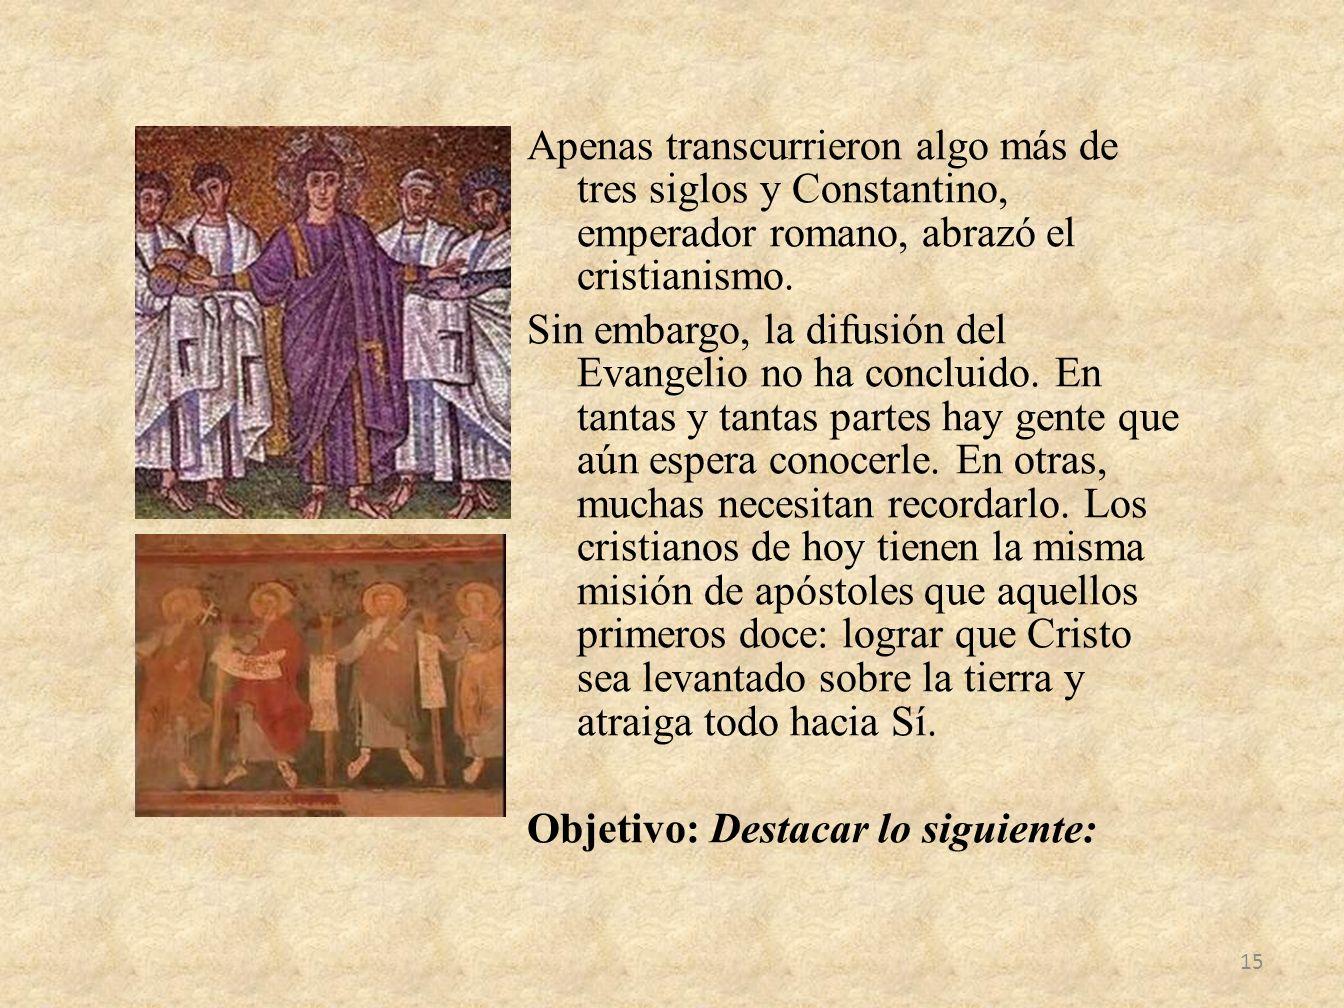 Apenas transcurrieron algo más de tres siglos y Constantino, emperador romano, abrazó el cristianismo.